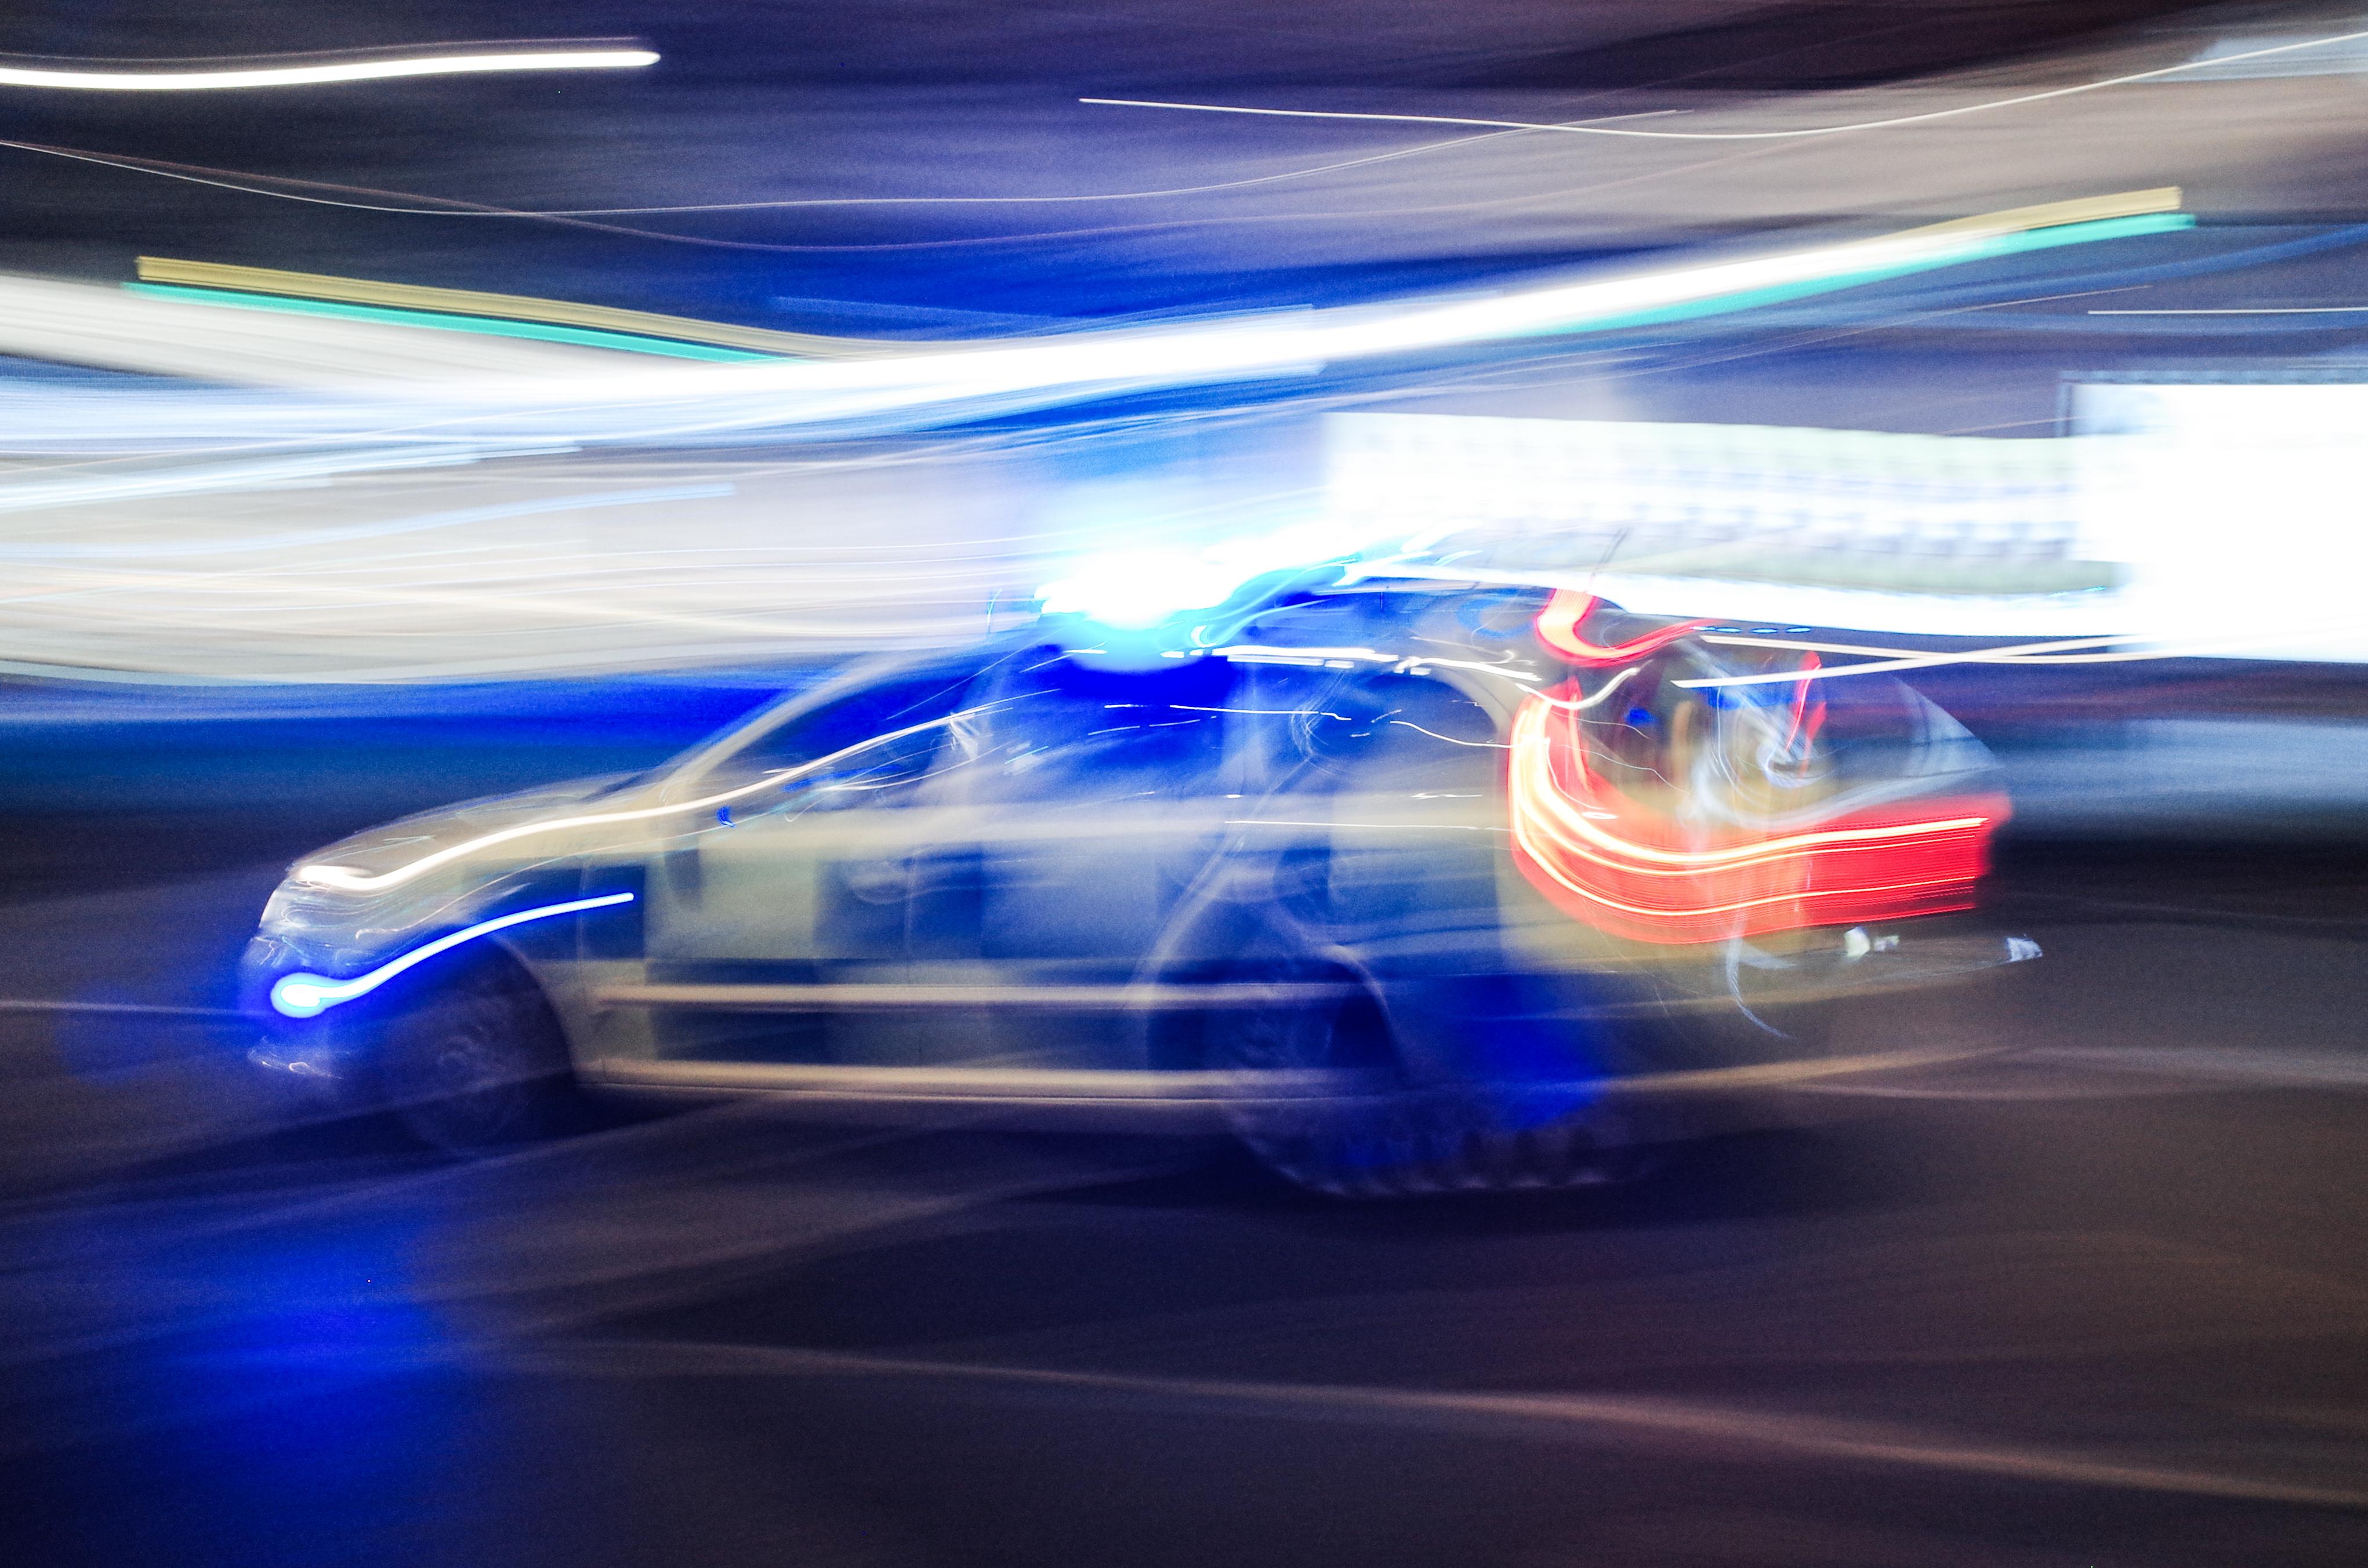 Métereket repült a kiszakadt vezetőfülkében egy sofőr – azonnal belehalt a sérüléseibe – Videó